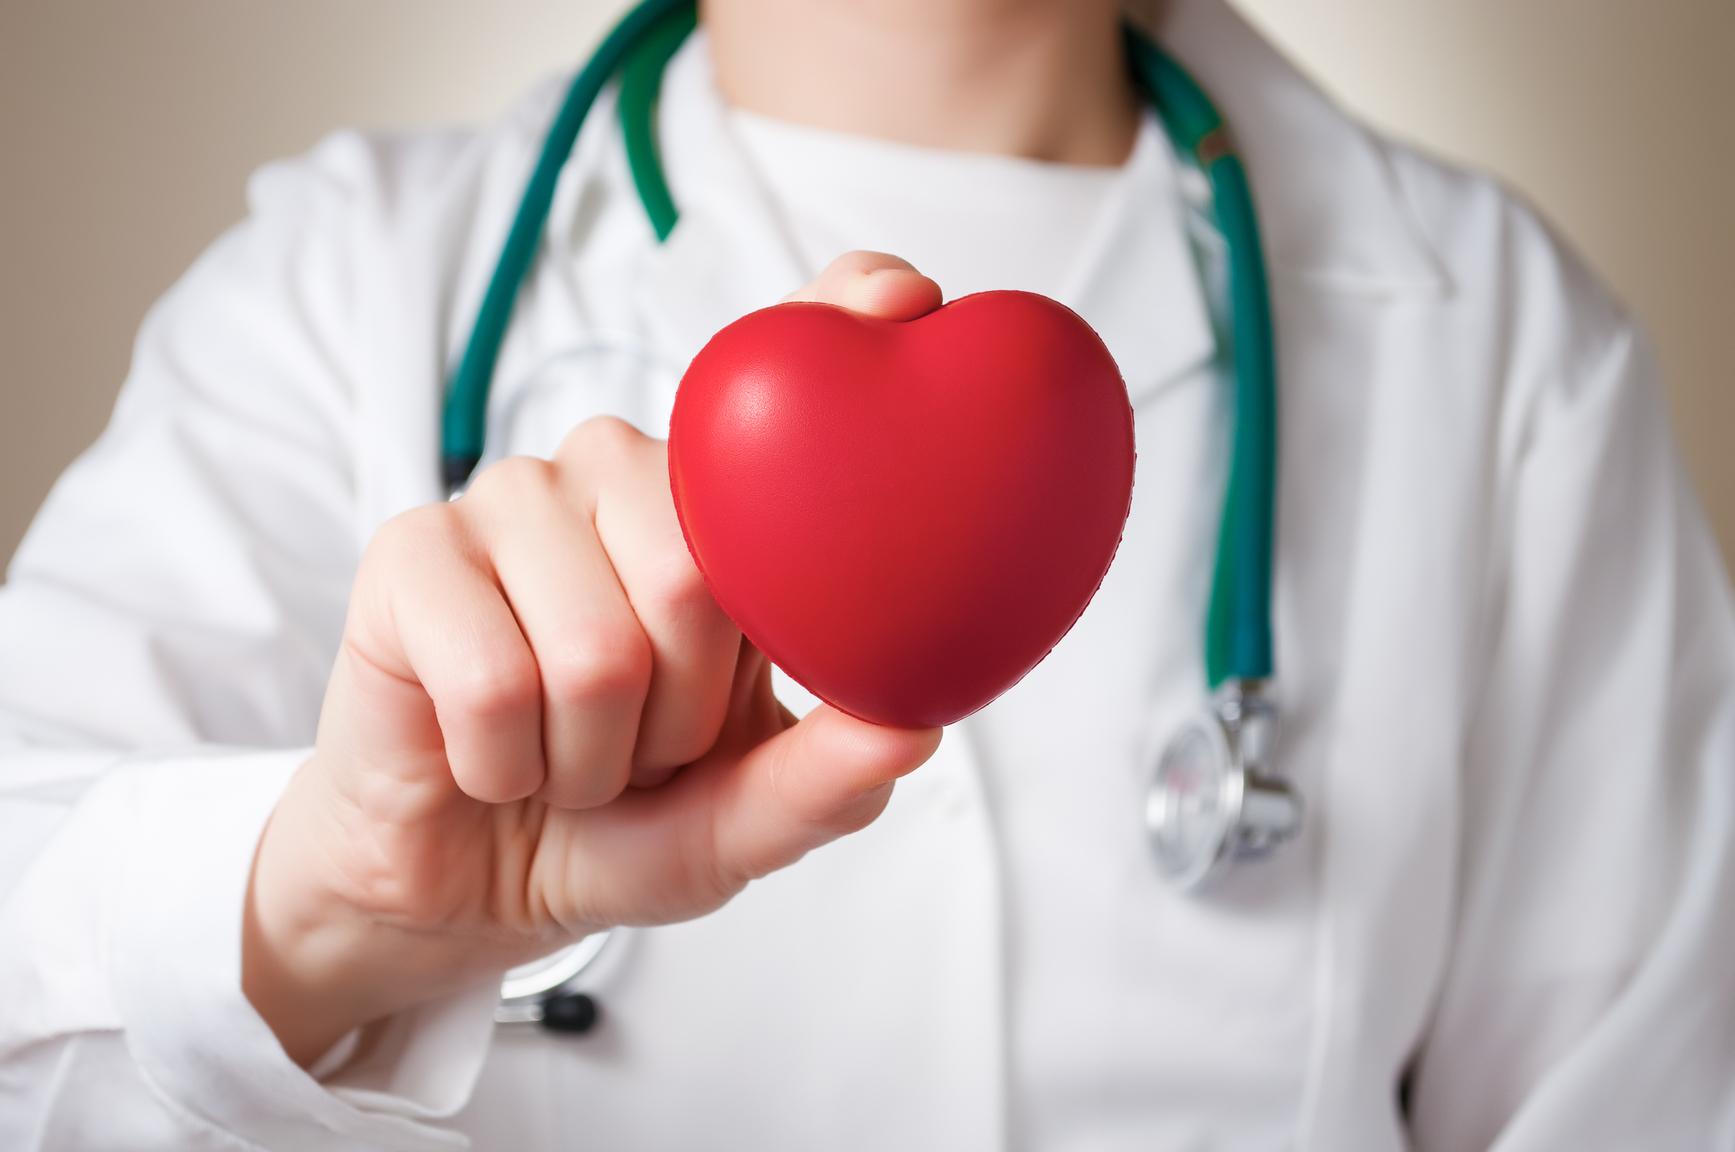 Cardiology EHR System